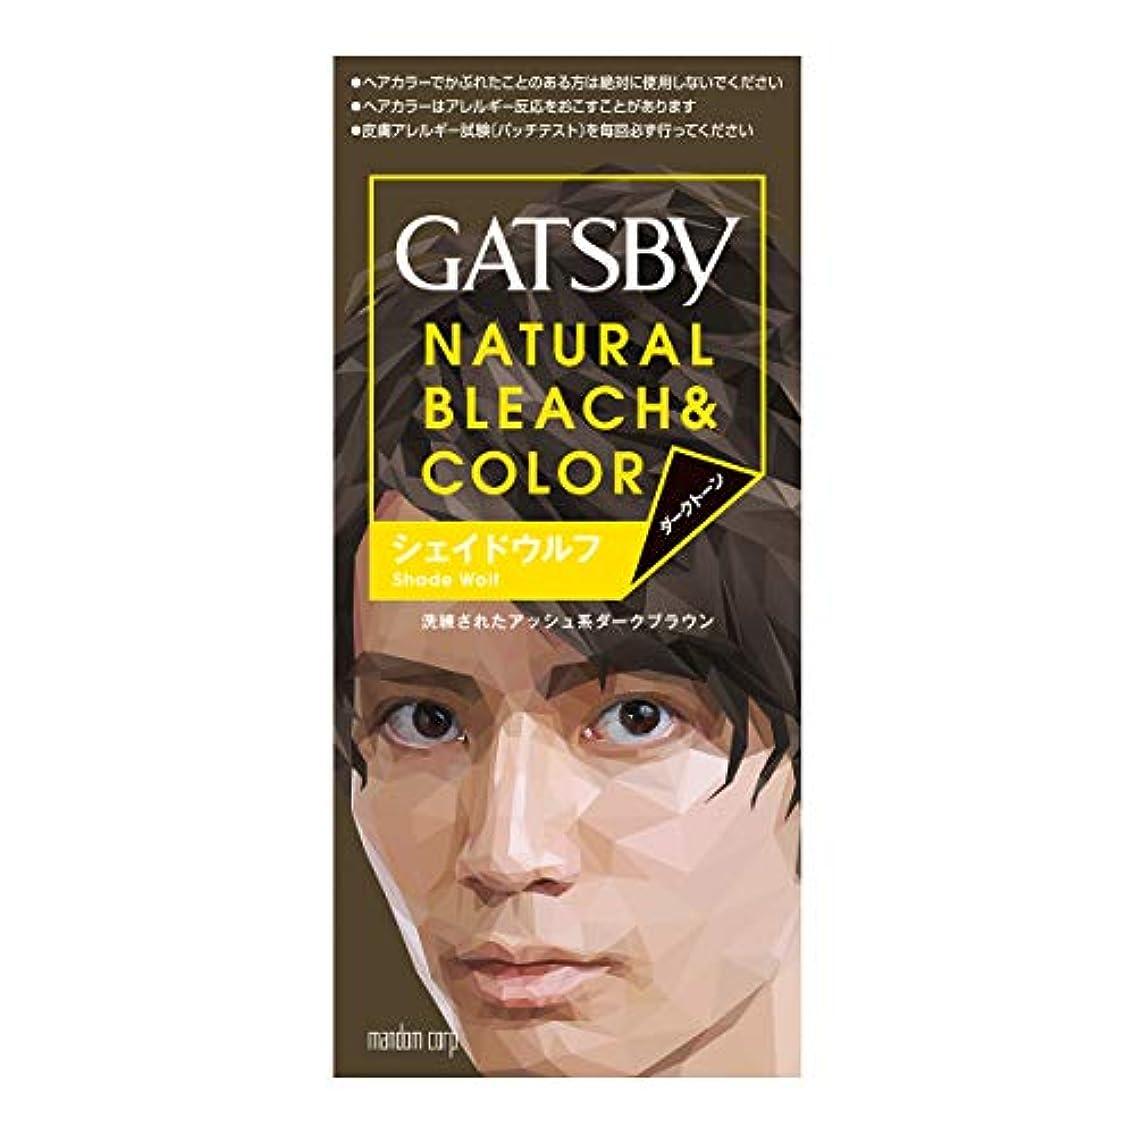 相談するデータベース旅行GATSBY(ギャツビー) ナチュラルブリーチカラー シェイドウルフ 1剤35g 2剤70mL (医薬部外品)